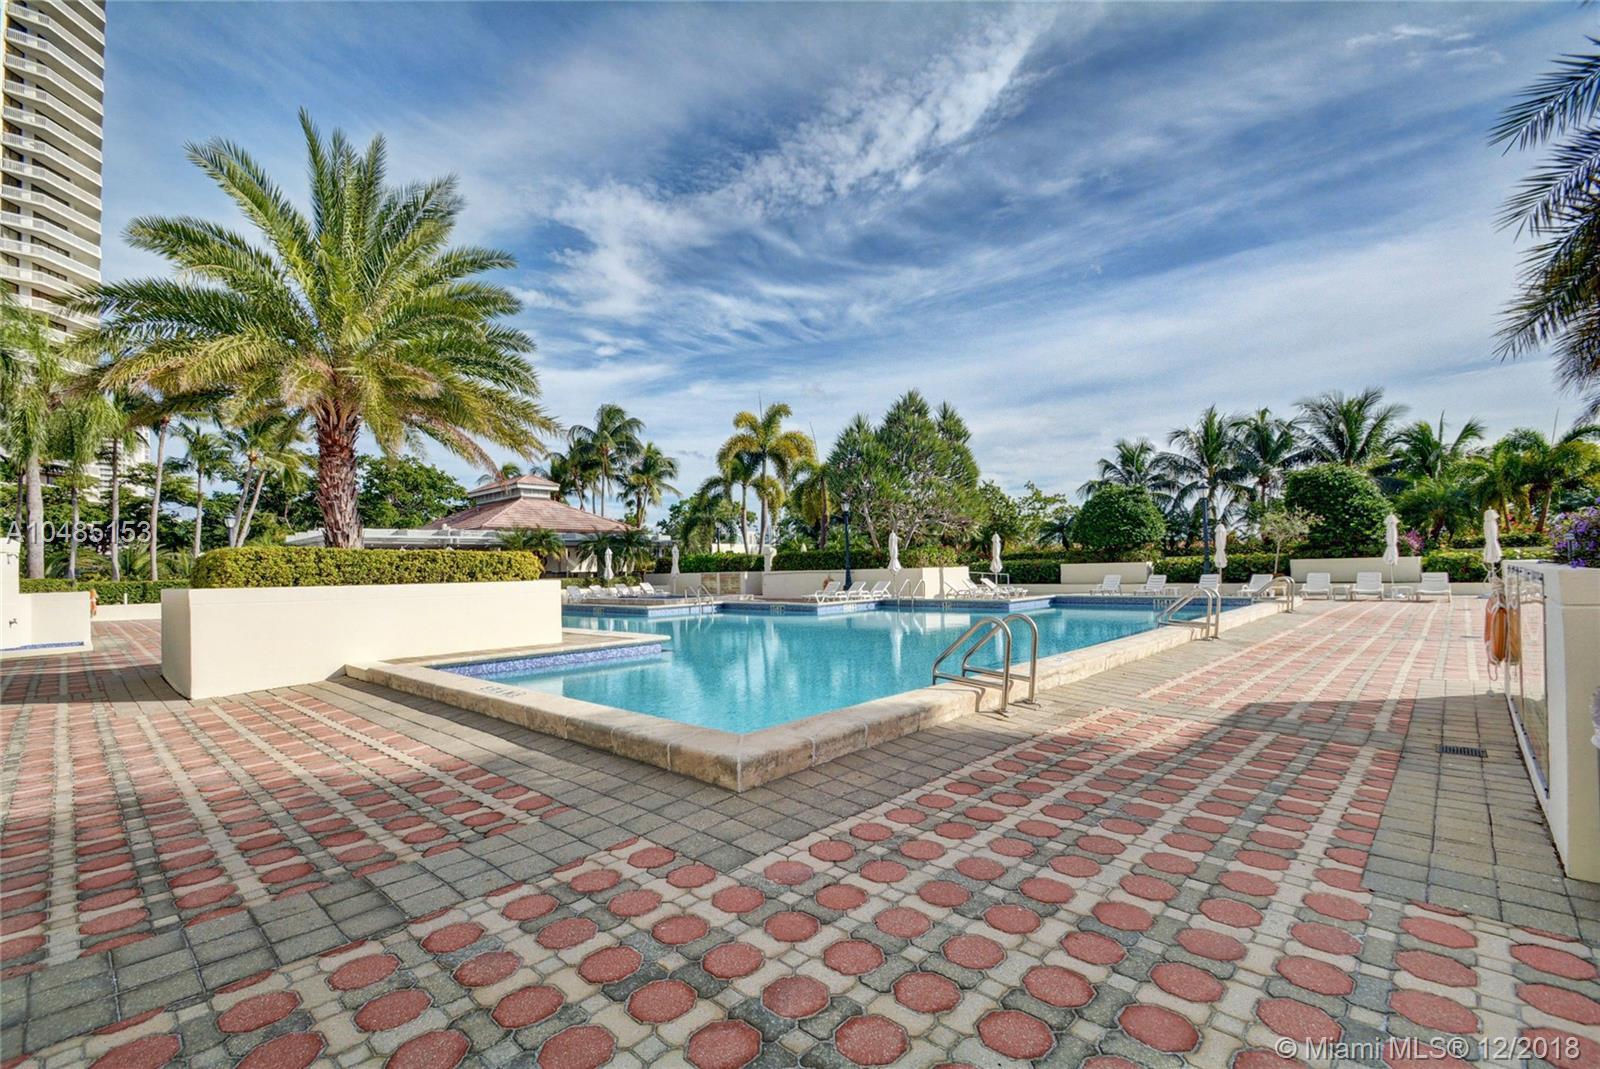 1000 E Island Blvd #201, Aventura, FL 33160